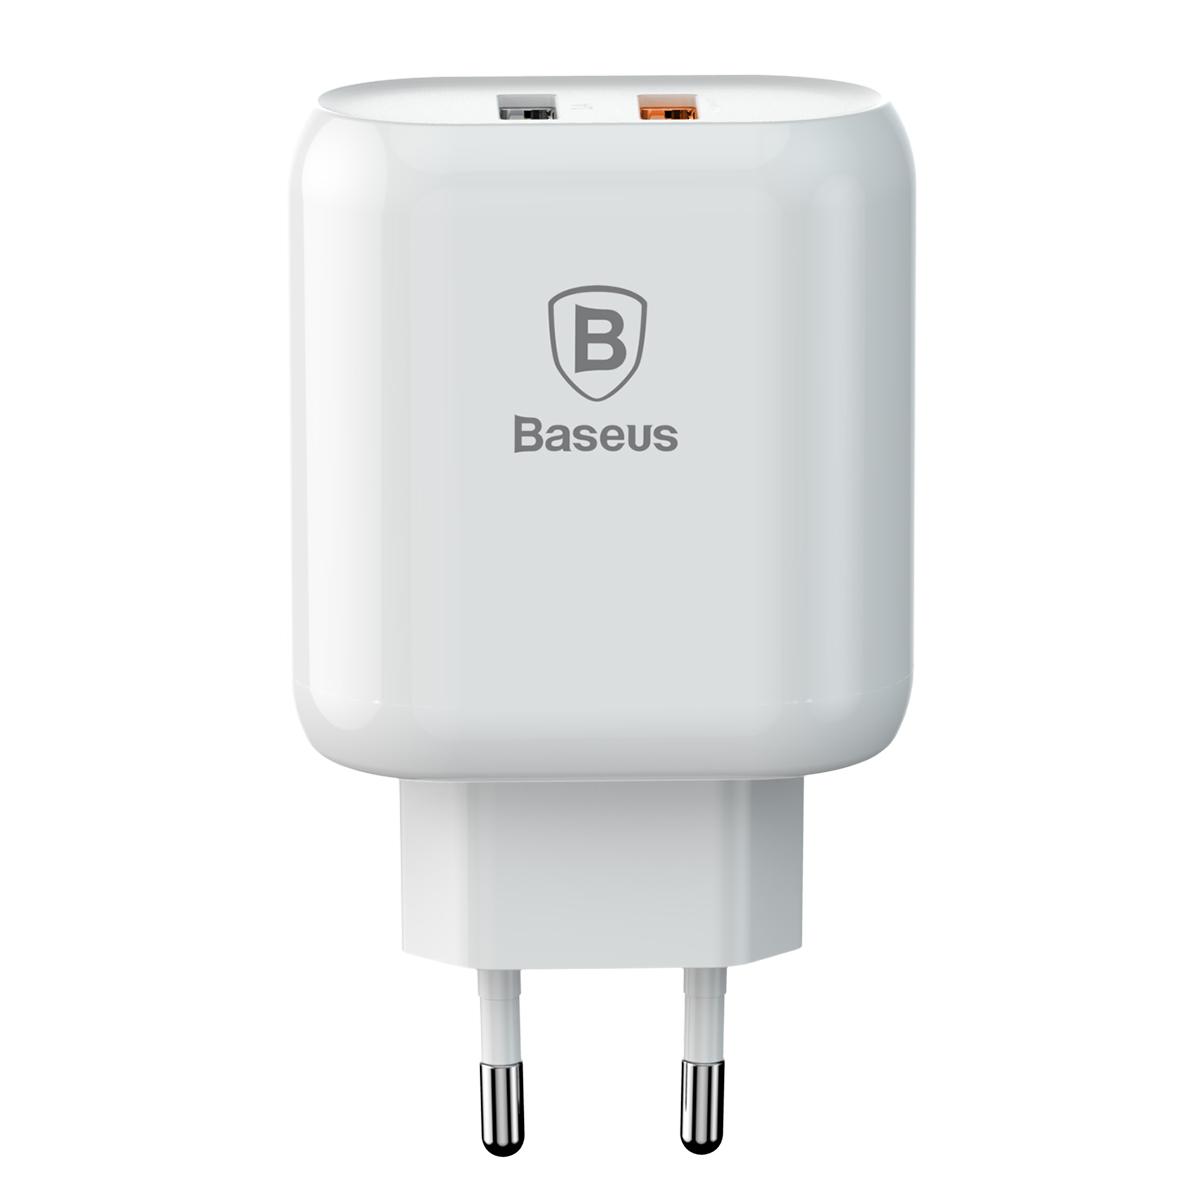 Baseus fali töltő Bojure QC 3.0 2 USB fehér